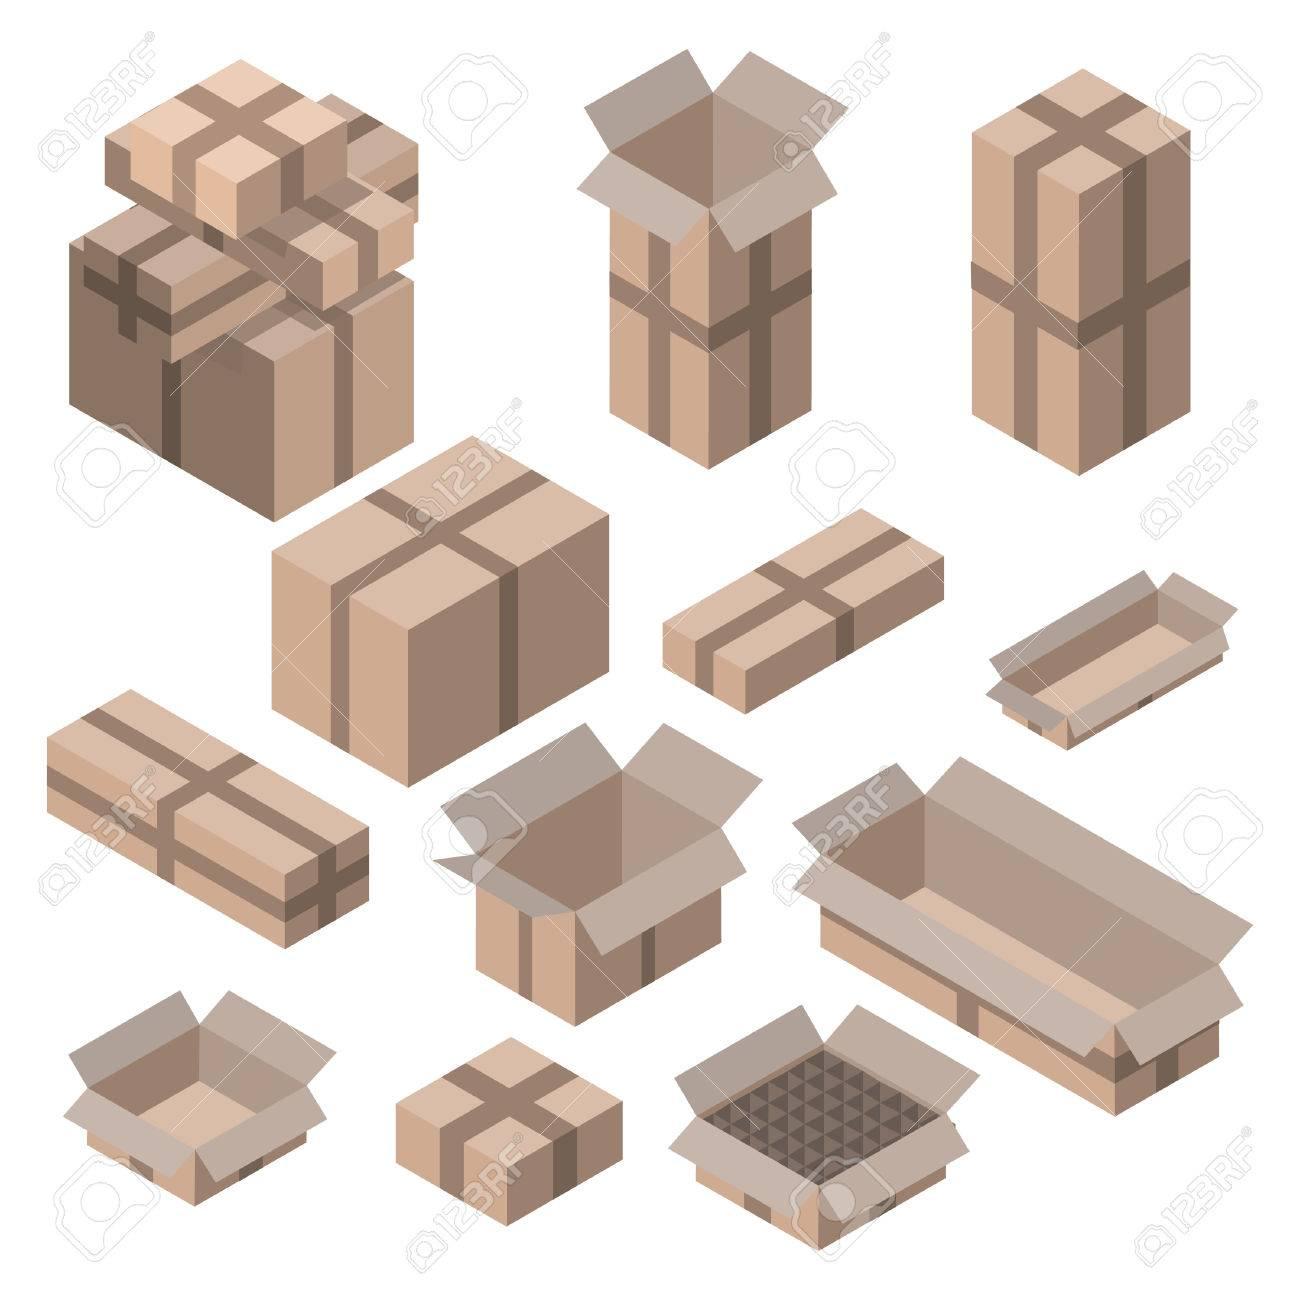 Full Size of Set Isometrische Kartons Auf Wei Isoliert Vektor Boxen Und Holz Alu Fenster Kleine Regale String Obi Regal Naturholz Weiß Meta Roller Modulküche Sichtschutz Regal Regale Holz